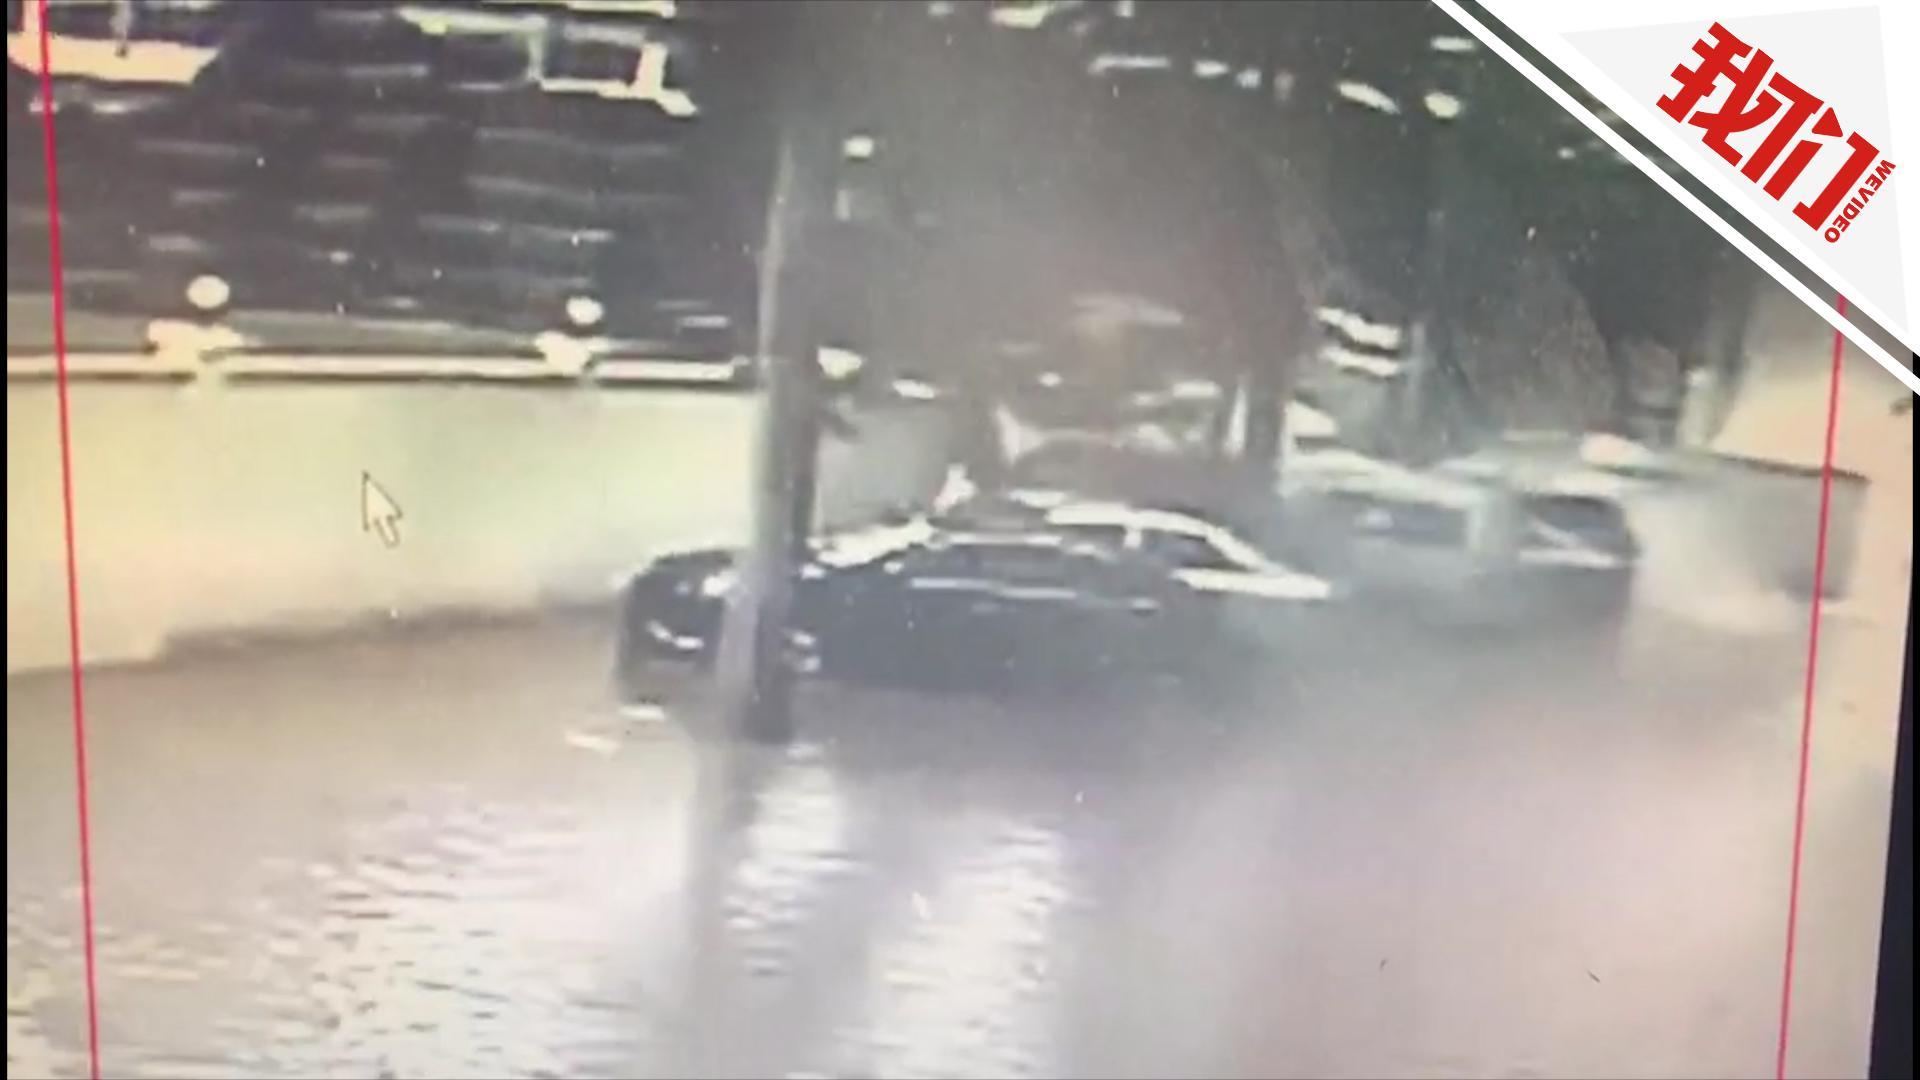 监拍海口暴雨围墙倒塌:砸向汽车致11车受损 120辆电动车遭浸泡